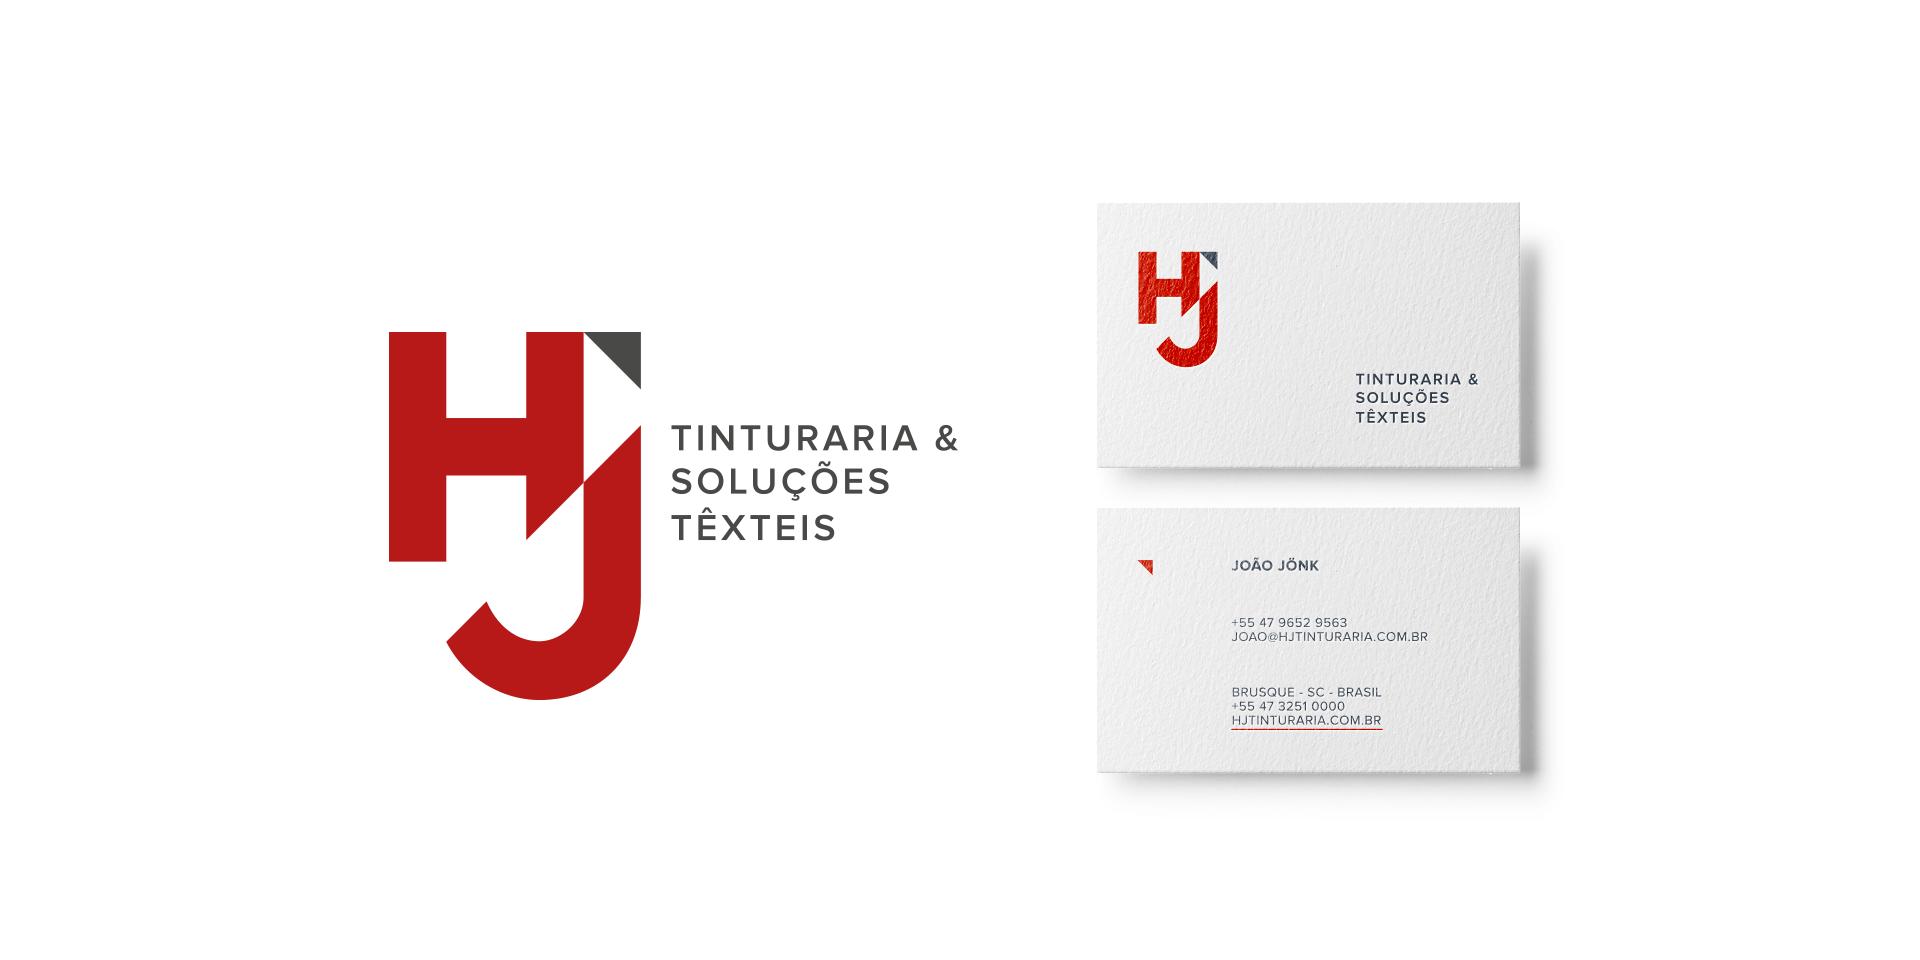 firmorama_hj-tinturaria-textil_07